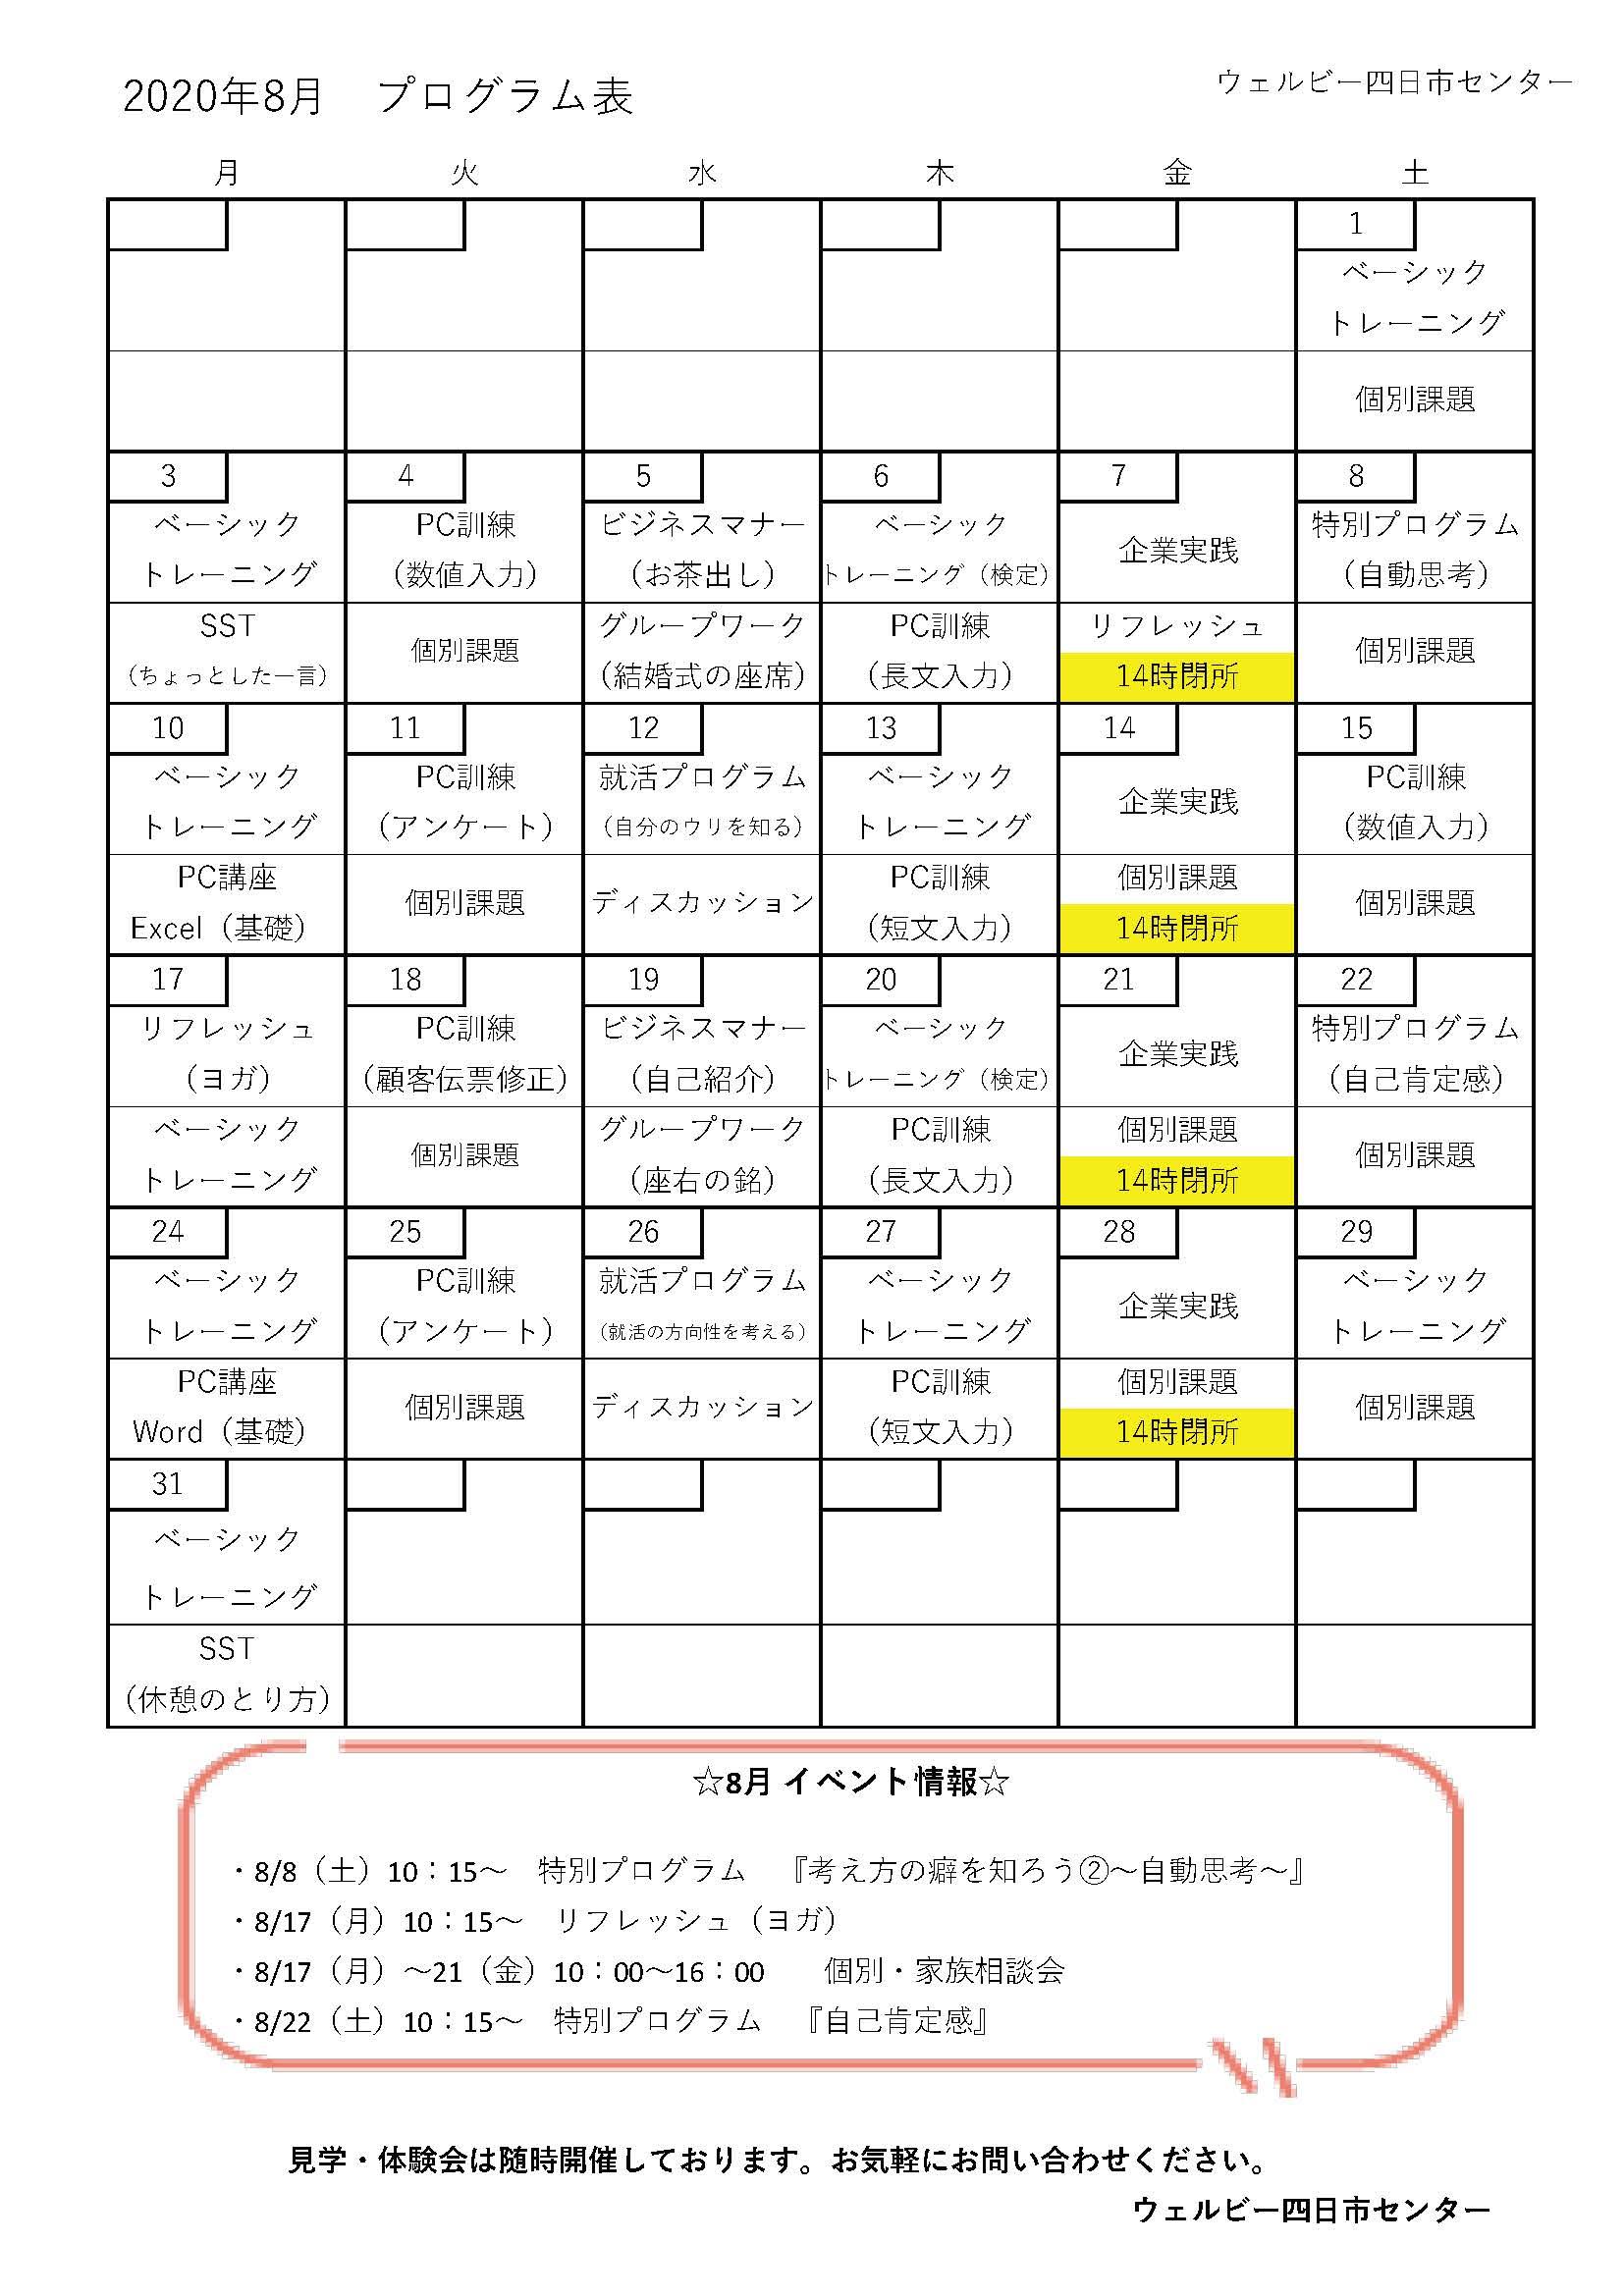 【ウェブ掲載】四日市センター(2020.08.11)